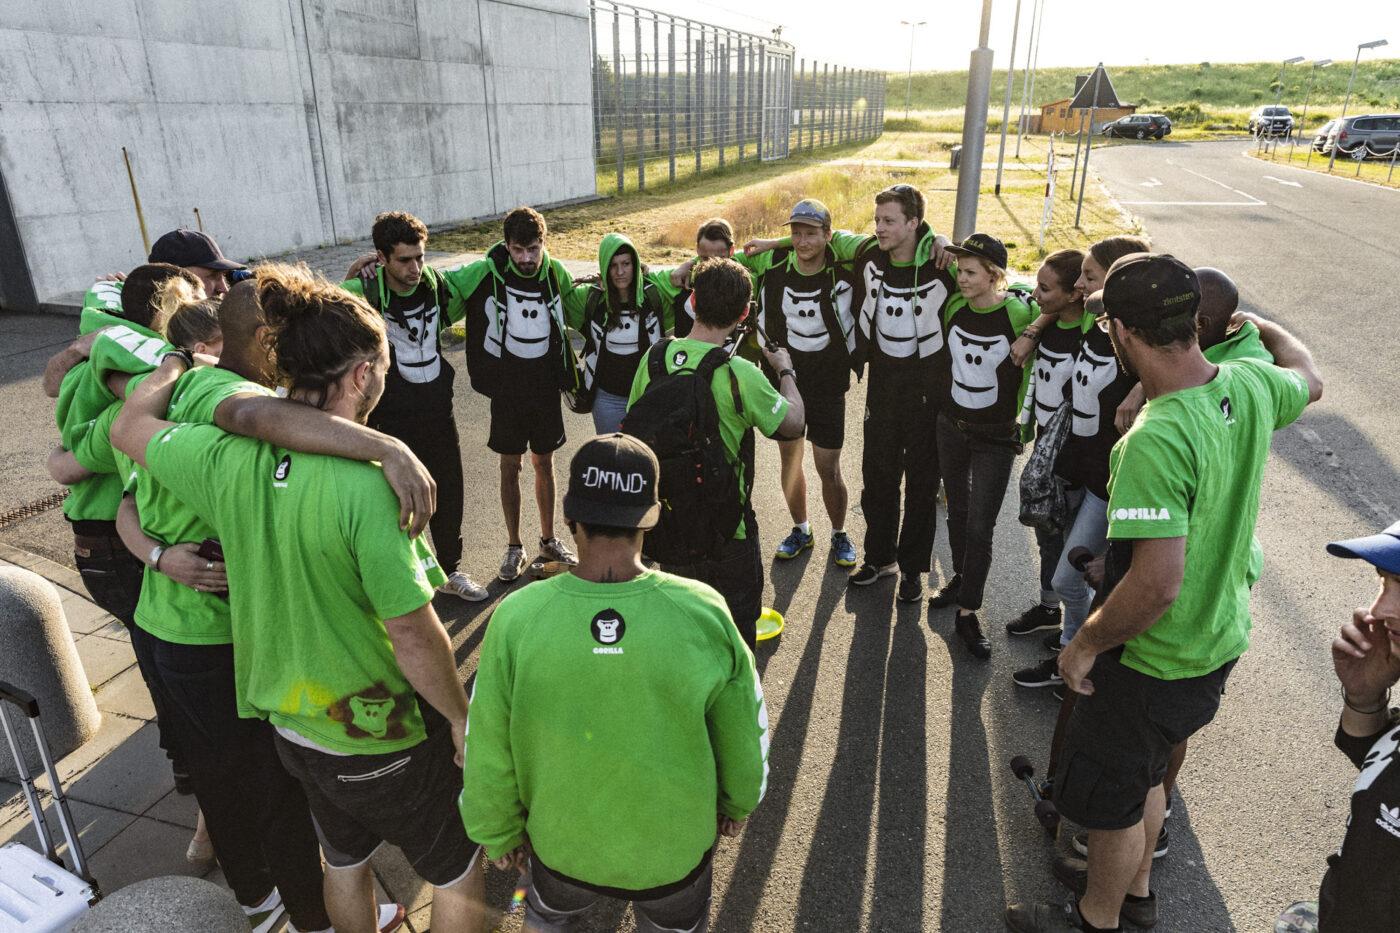 GORILLA Team umarmt sich vor dem Jugendgefaengnis Regis Breitingen.